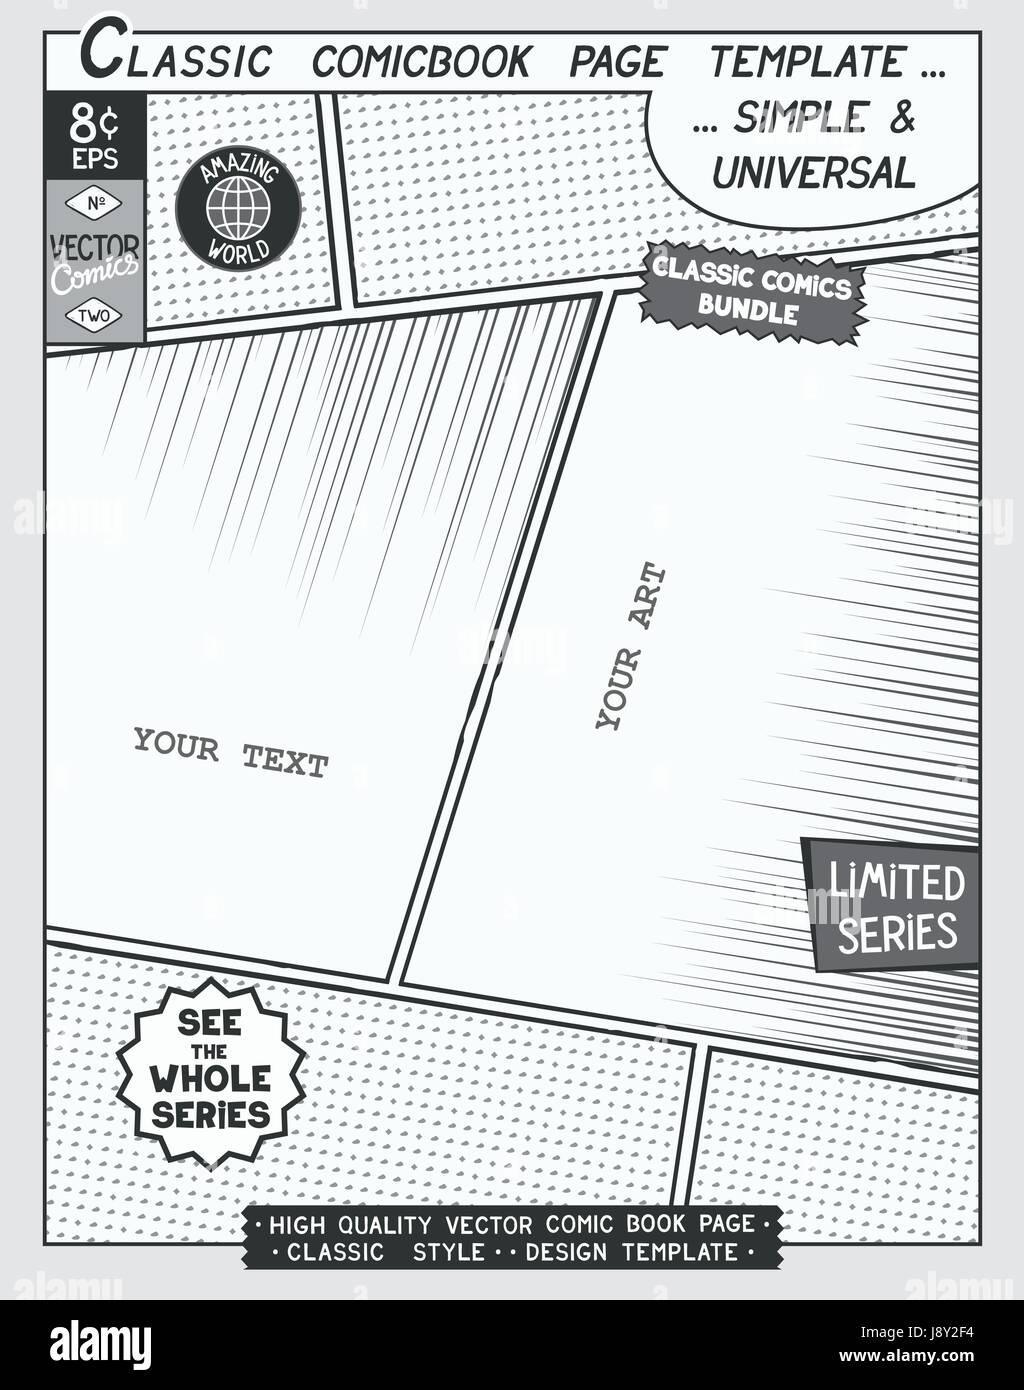 Ausgezeichnet Comic Buch Seiten Vorlage Galerie - Entry Level Resume ...